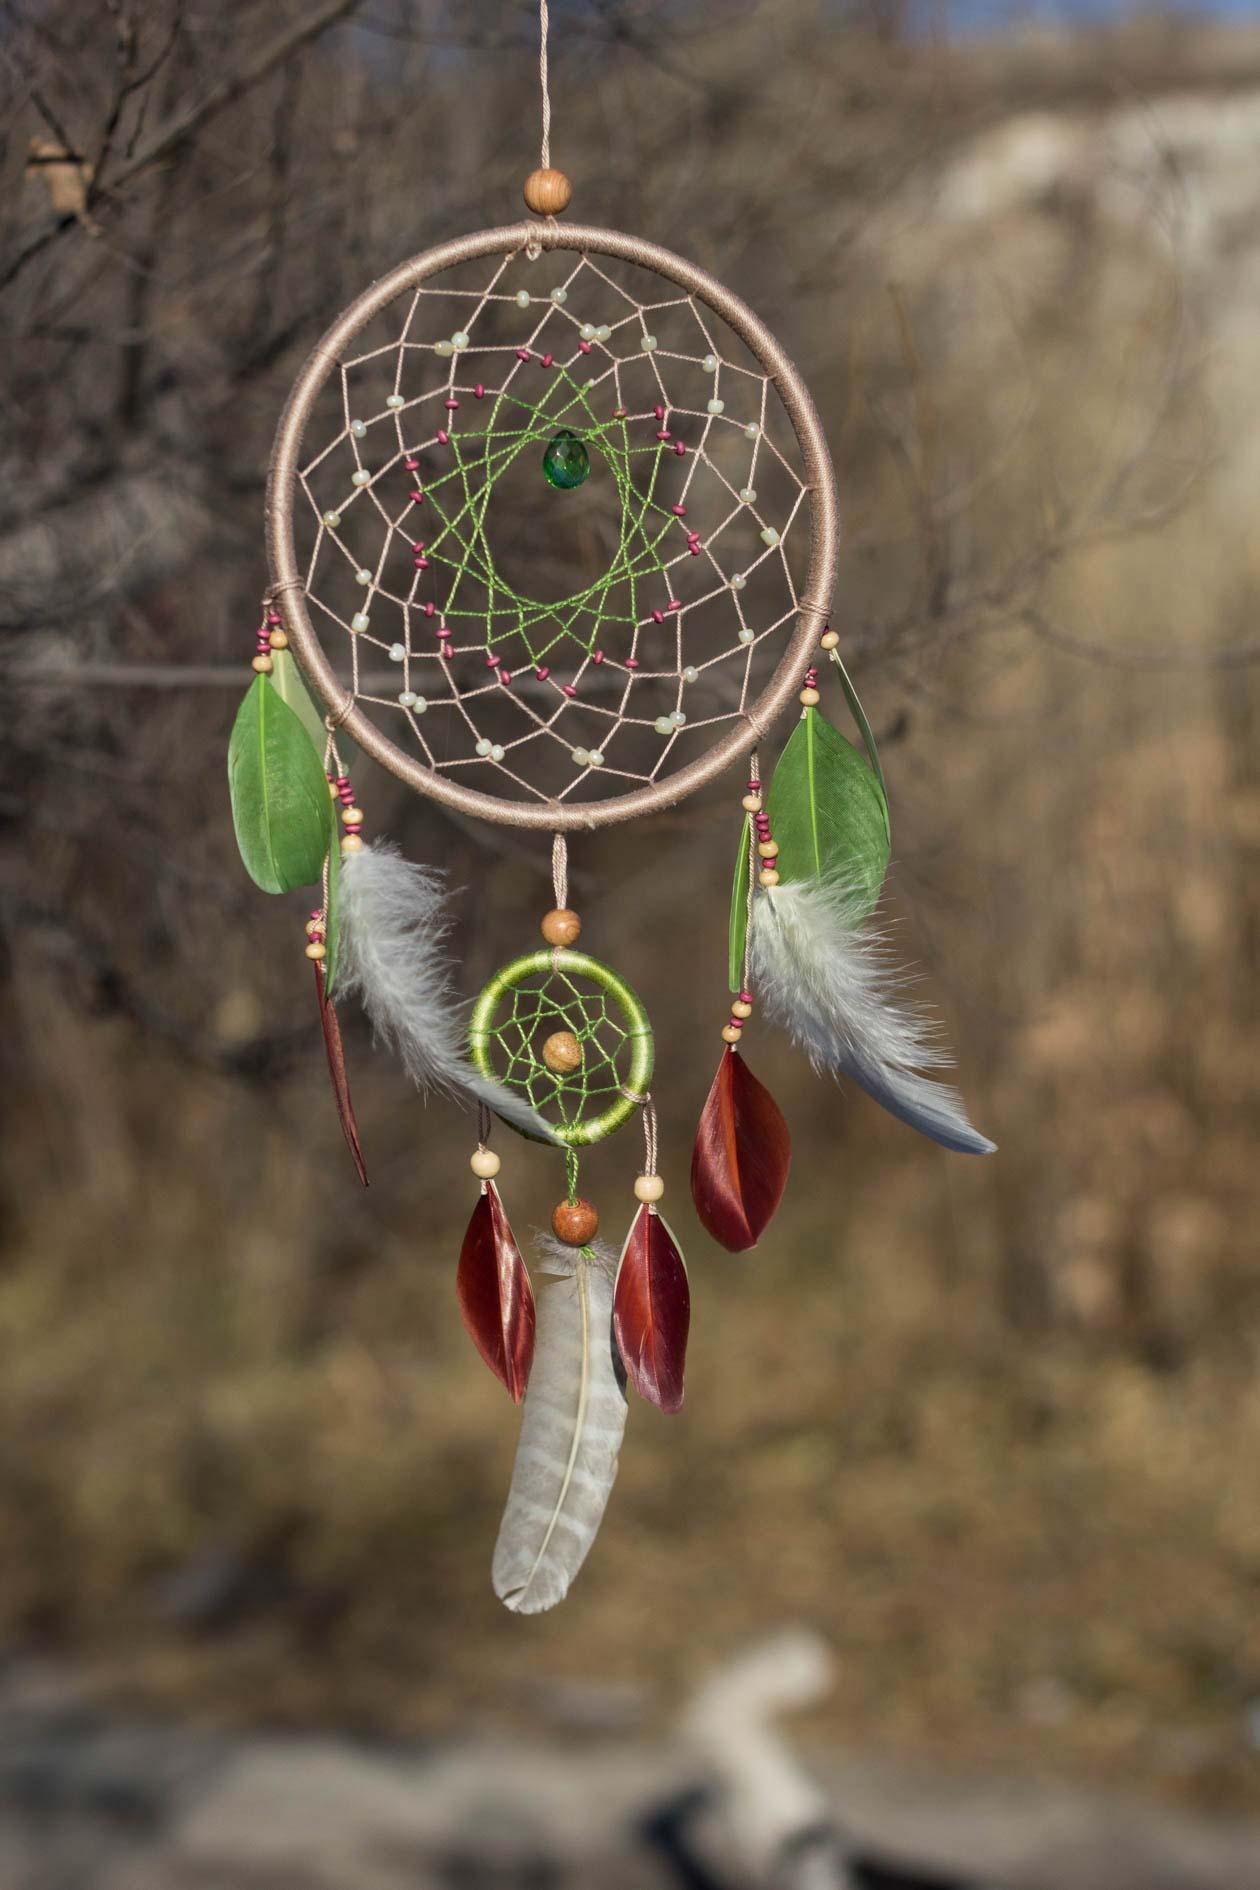 Кратко что такое ловец снов. значение ловца снов и история его появления. фотогалерея: вышитый ловец снов